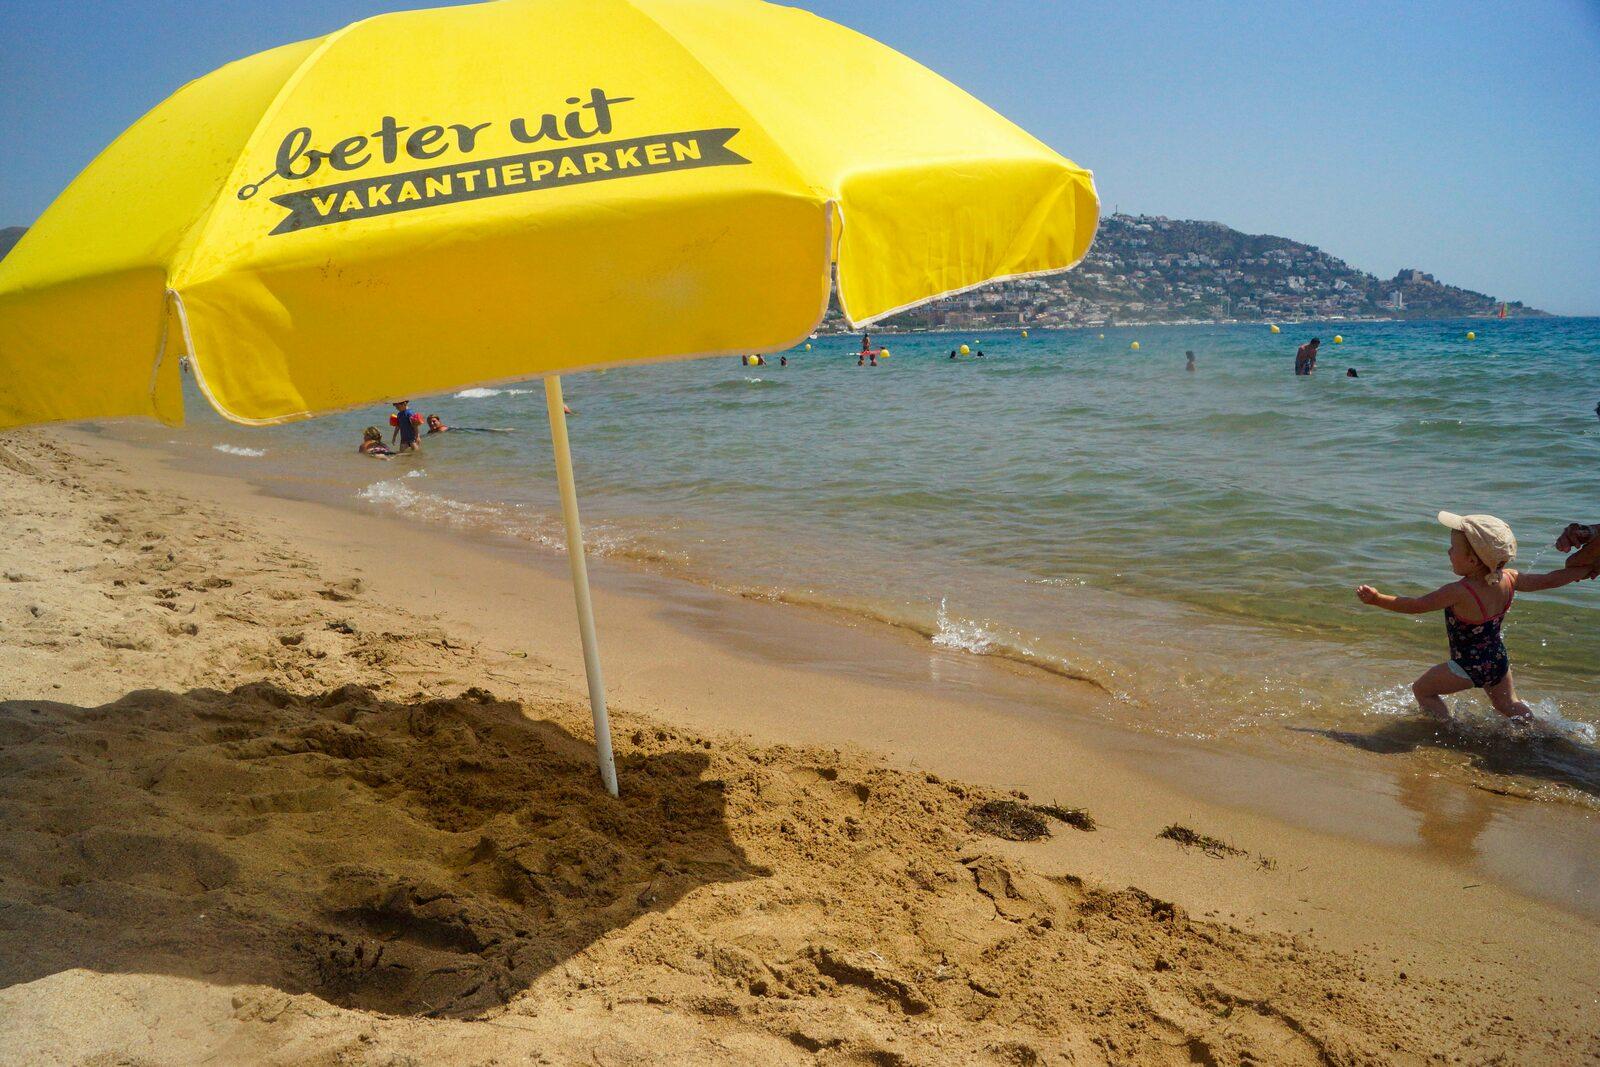 Strand Beter Uit